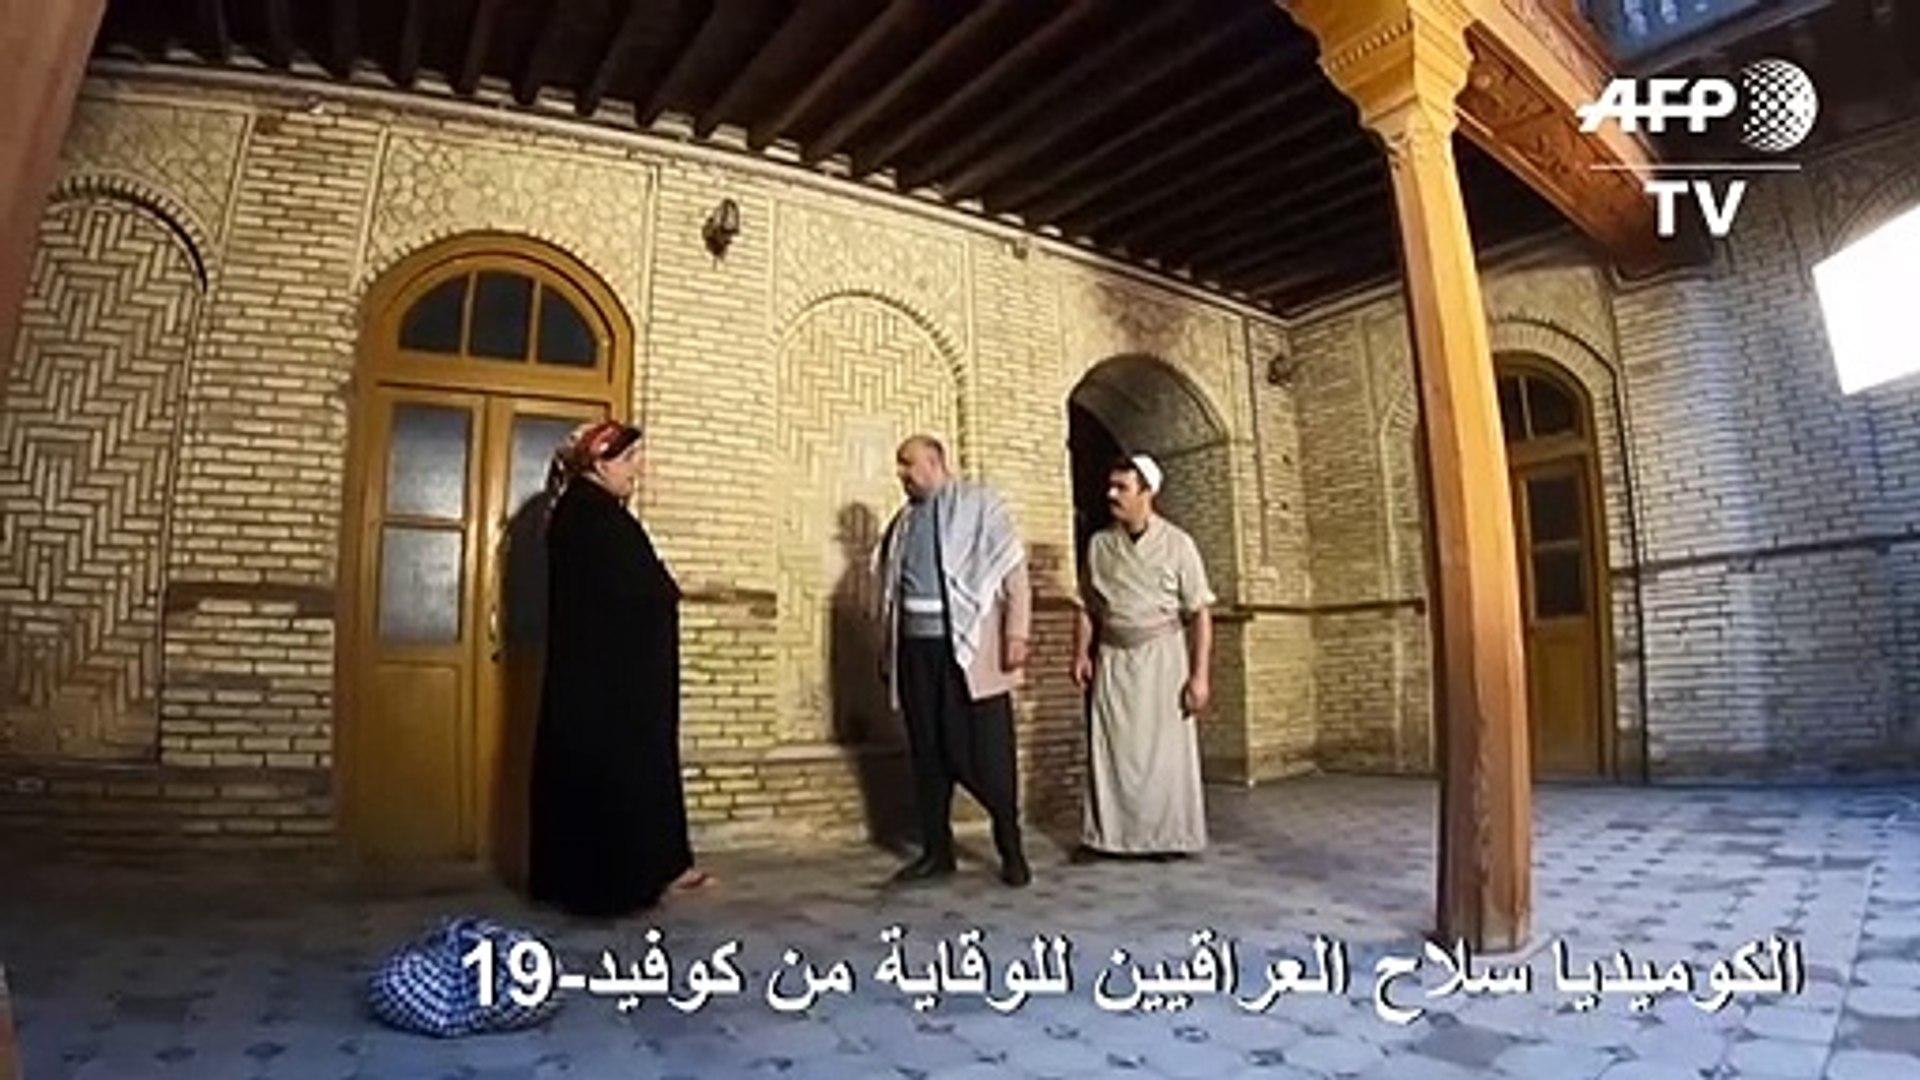 الكوميديا سلاح العراقيين للوقاية من كوفيد-19